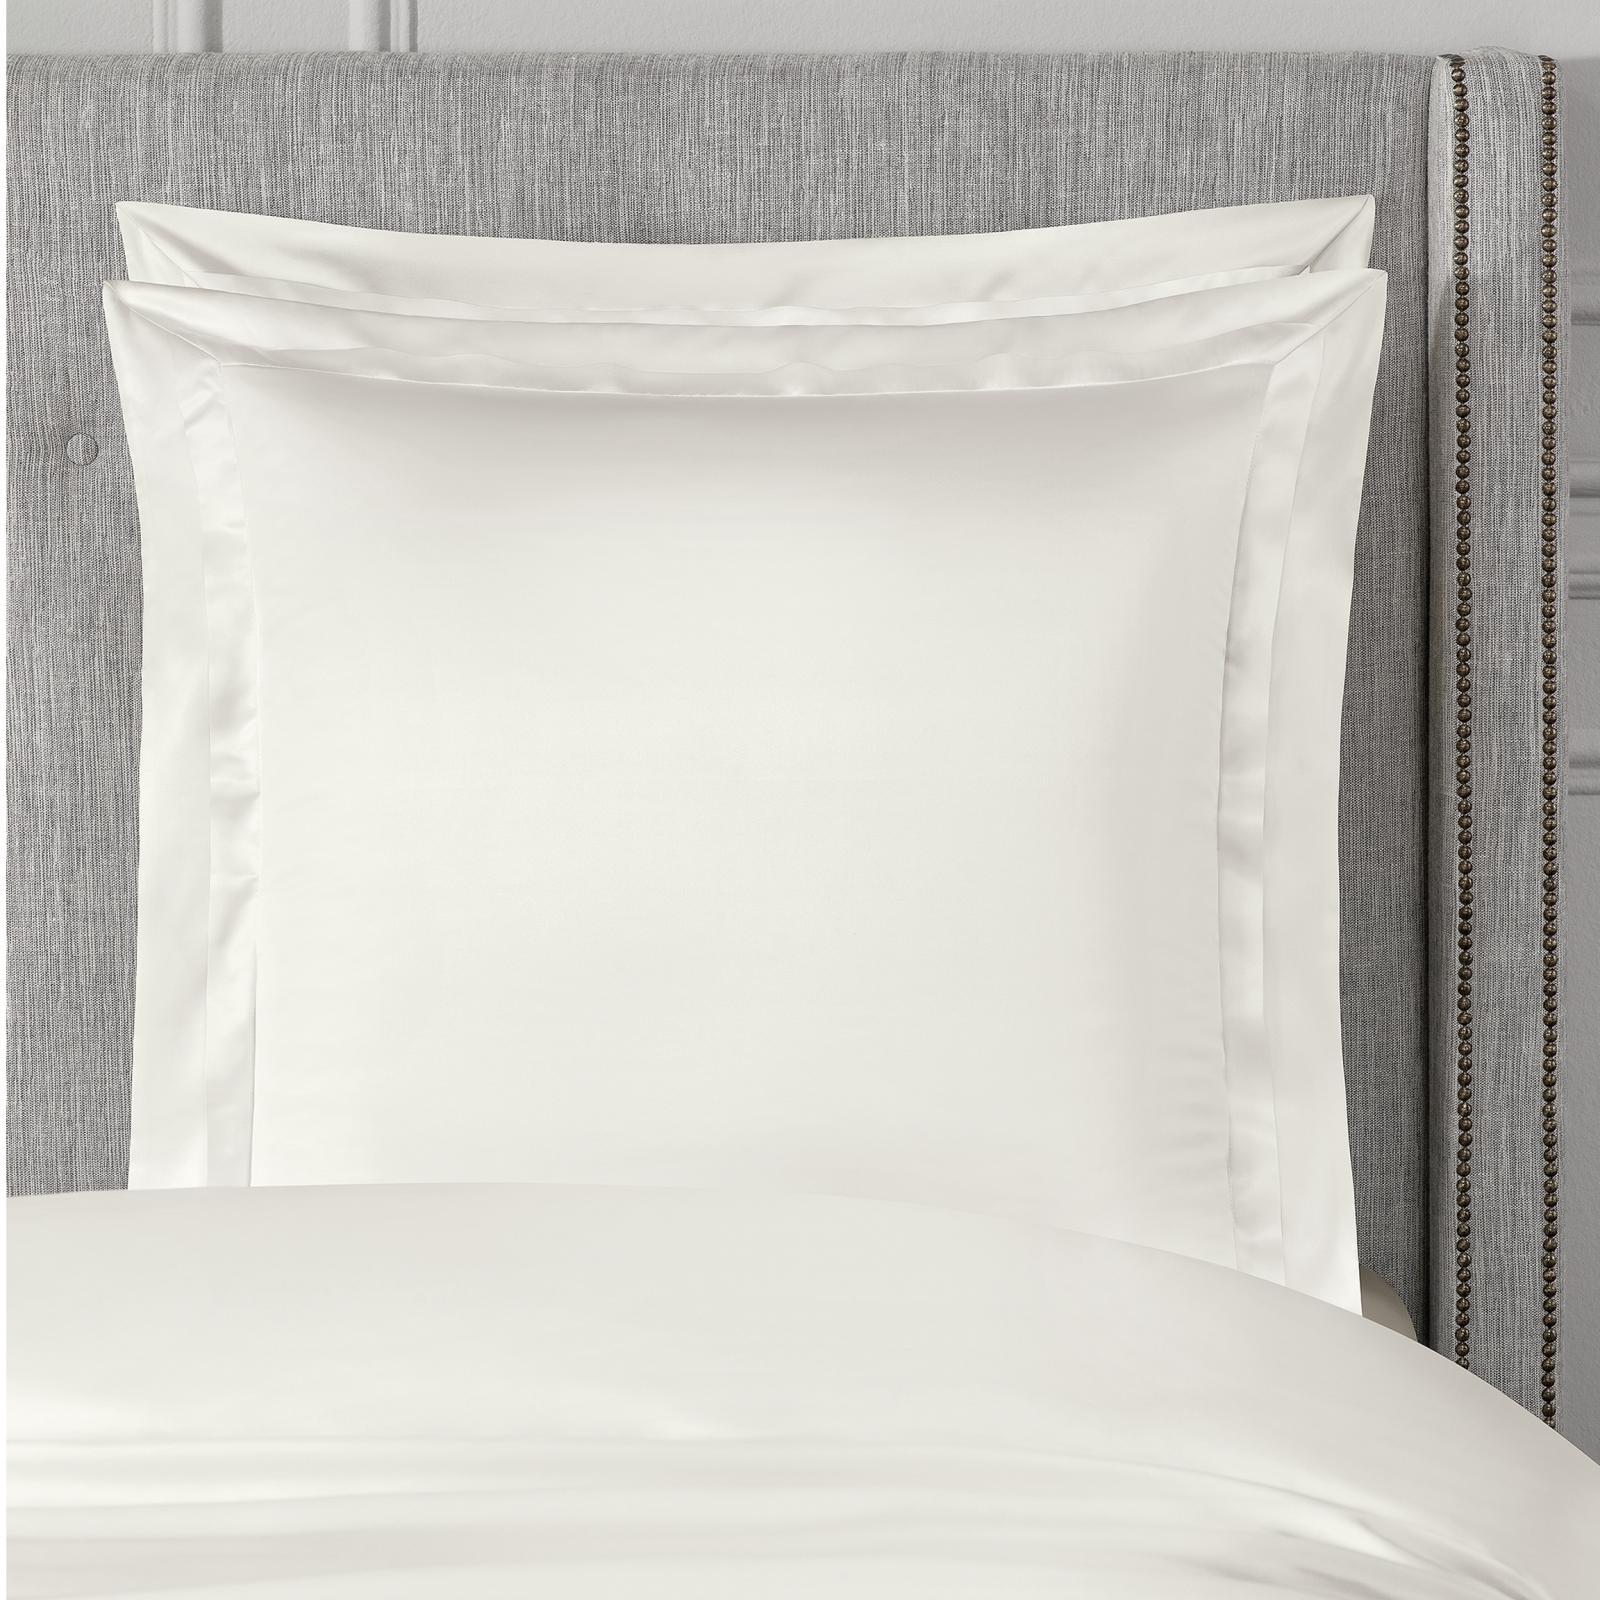 Комплект наволочек Togas элит белый 70х70-2 фото